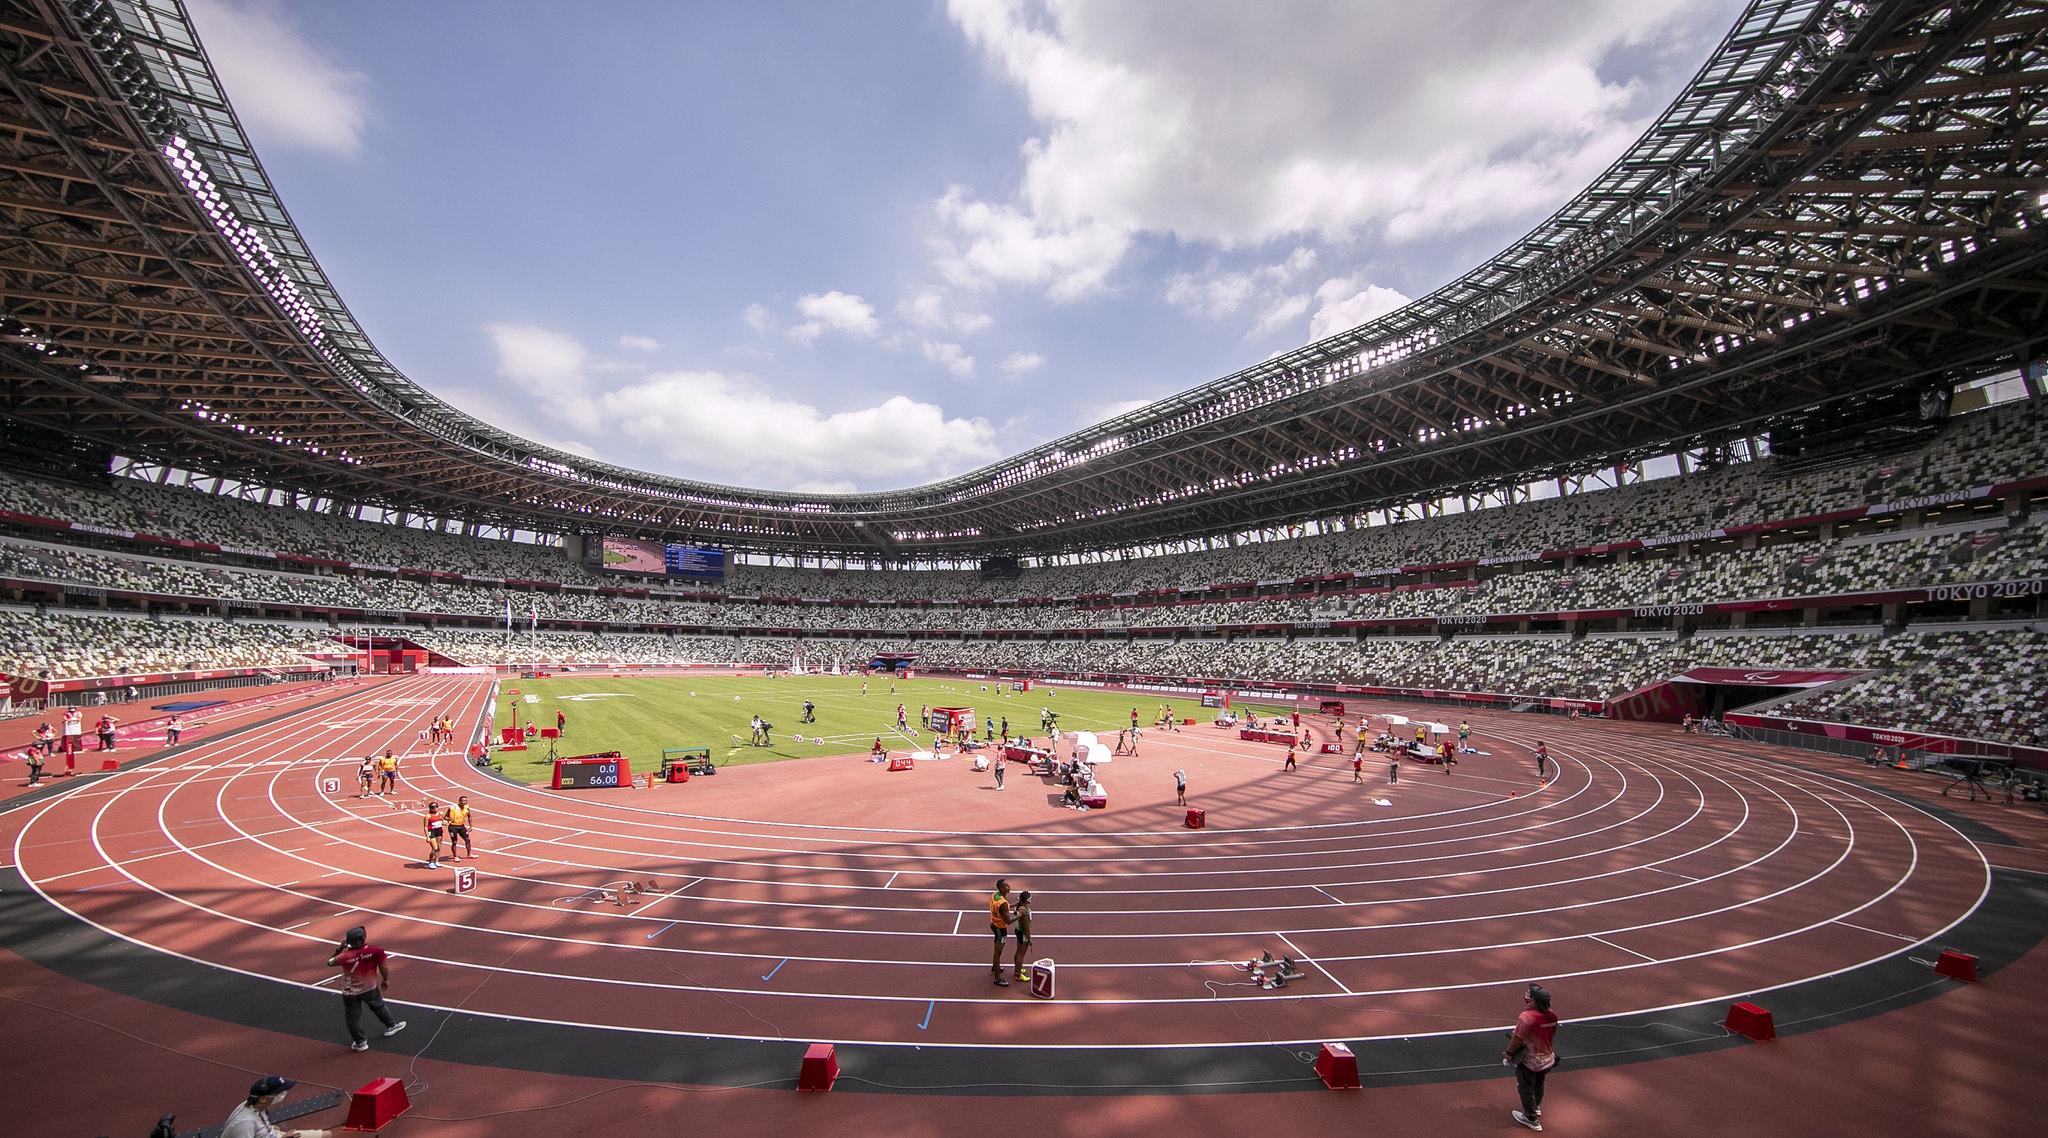 Estádio Olímpico de Tóquio com algumas atletas cegas e seus guias se preparando para correr na pista